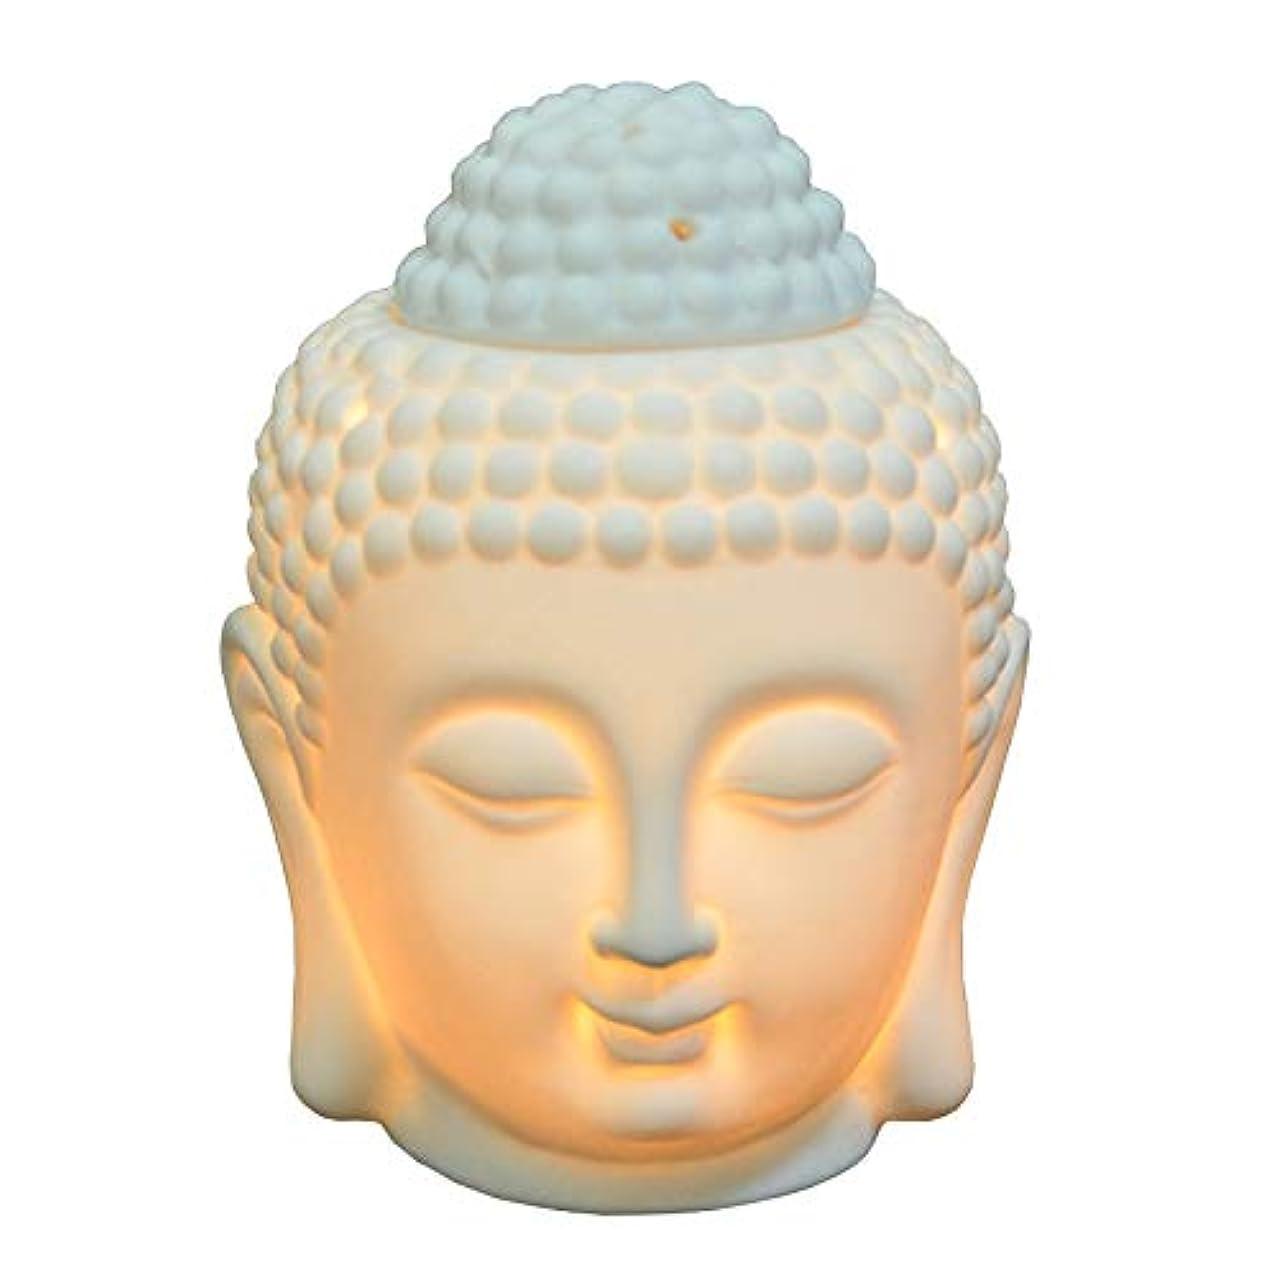 スプーン深い累計仏頭像オイルバーナー半透明セラミックアロマディフューザー家の装飾